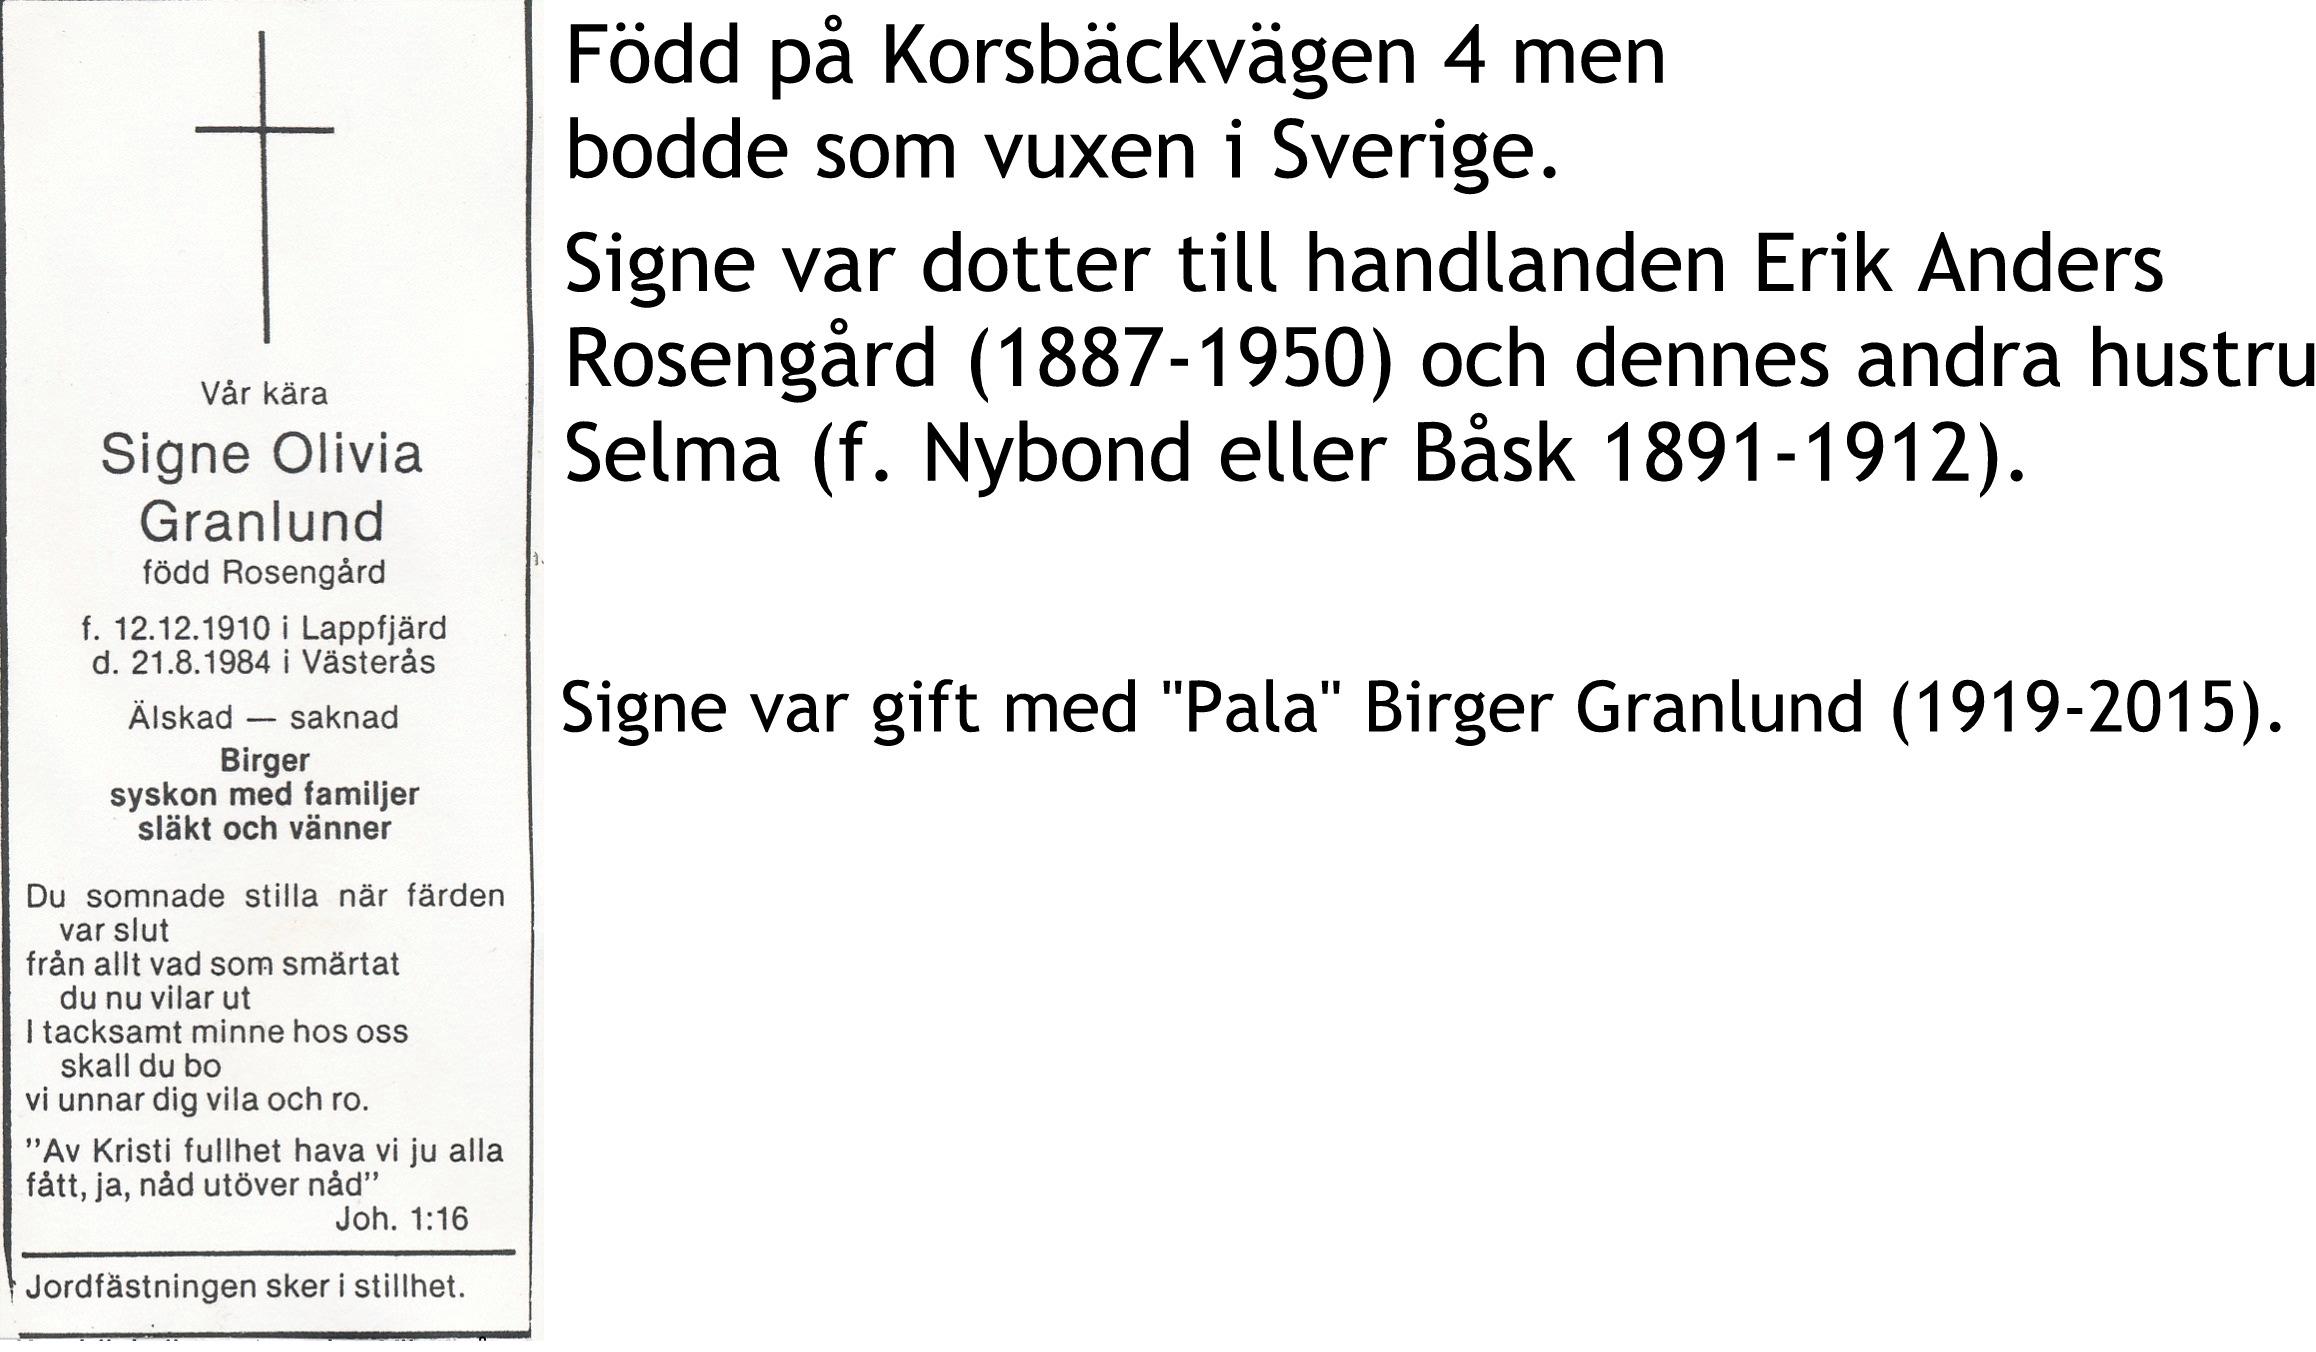 Granlund Signe